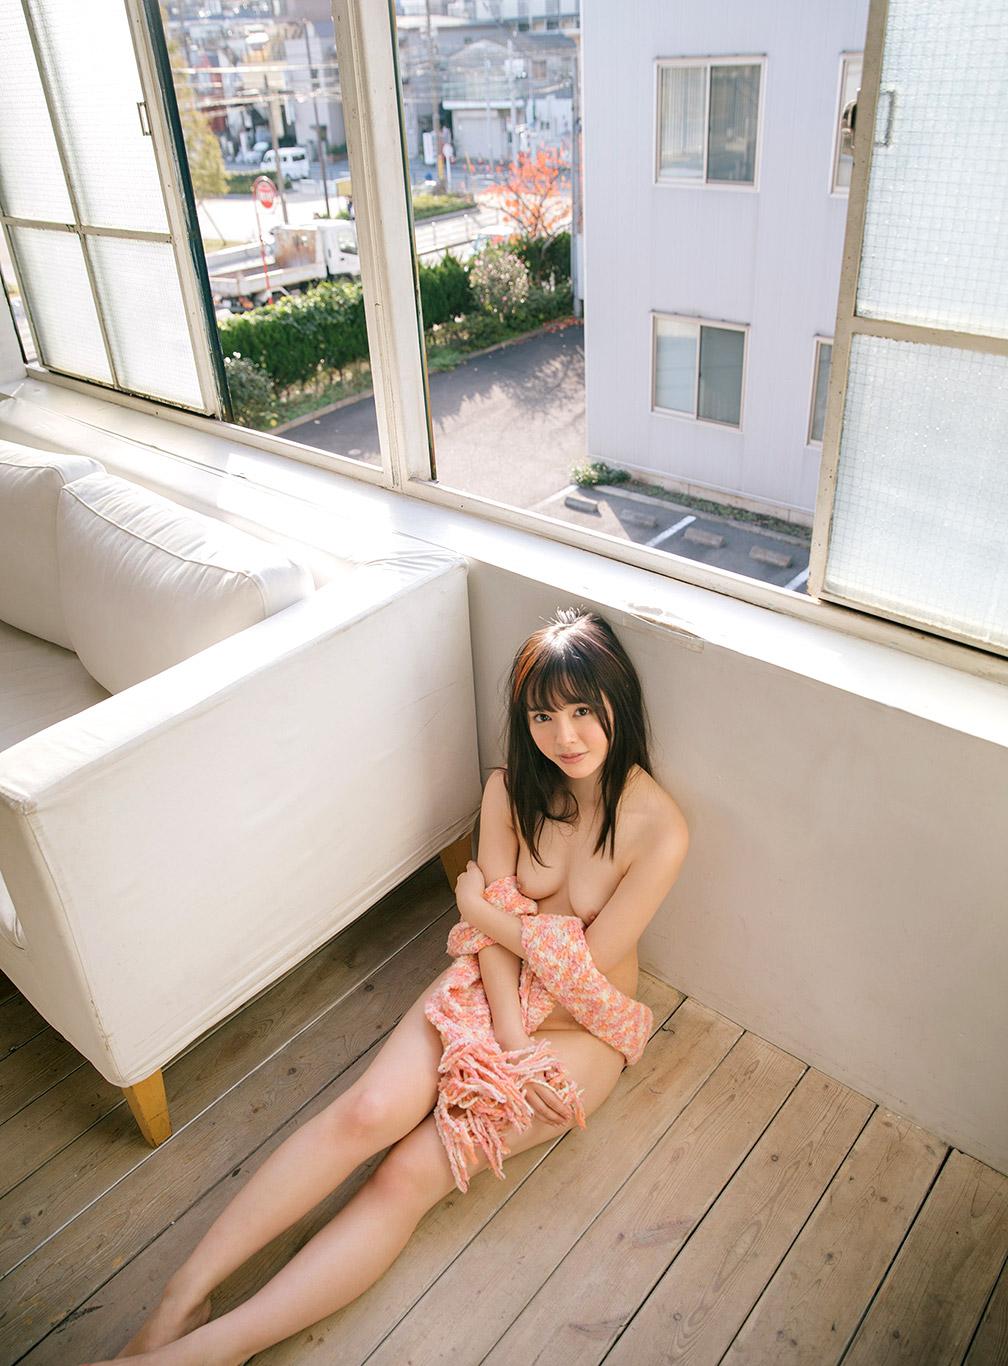 image http://scanlover.com/assets/images/272-o0BS599m2bYFIz0S.jpeg